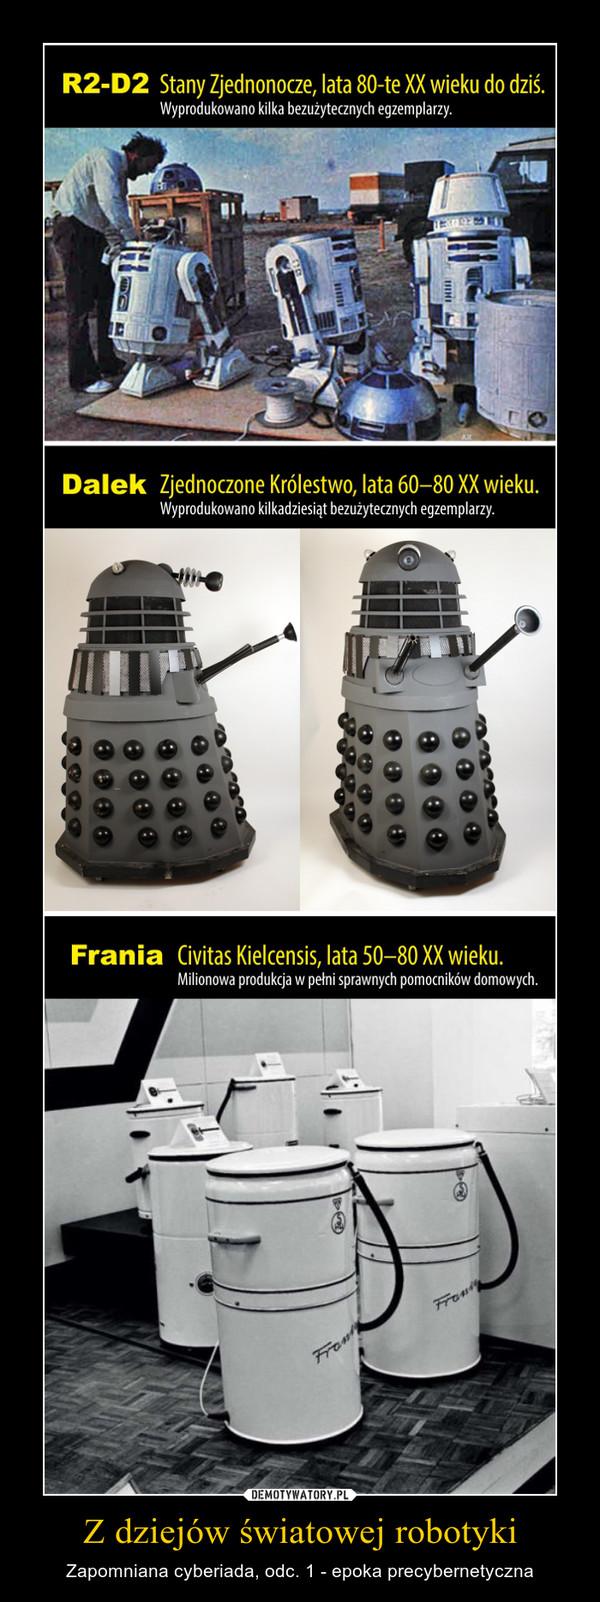 Z dziejów światowej robotyki – Zapomniana cyberiada, odc. 1 - epoka precybernetyczna R2-D2 Stany Zjednonocze, lata 80-te XX wieku do dziś. Wyprodukowano kilka bezużytecznych egzemplarzy. Dalek Zjednoczone Królestwo, lata 60-80 XX wieku. Wyprodukowano kilkadziesiąt bezużytecznych egzemplarzy. Frania Civitas Kielcensis, lata 50-80 XX wieku. Milionowa produkcja w pełni sprawnych pomocników domowych.